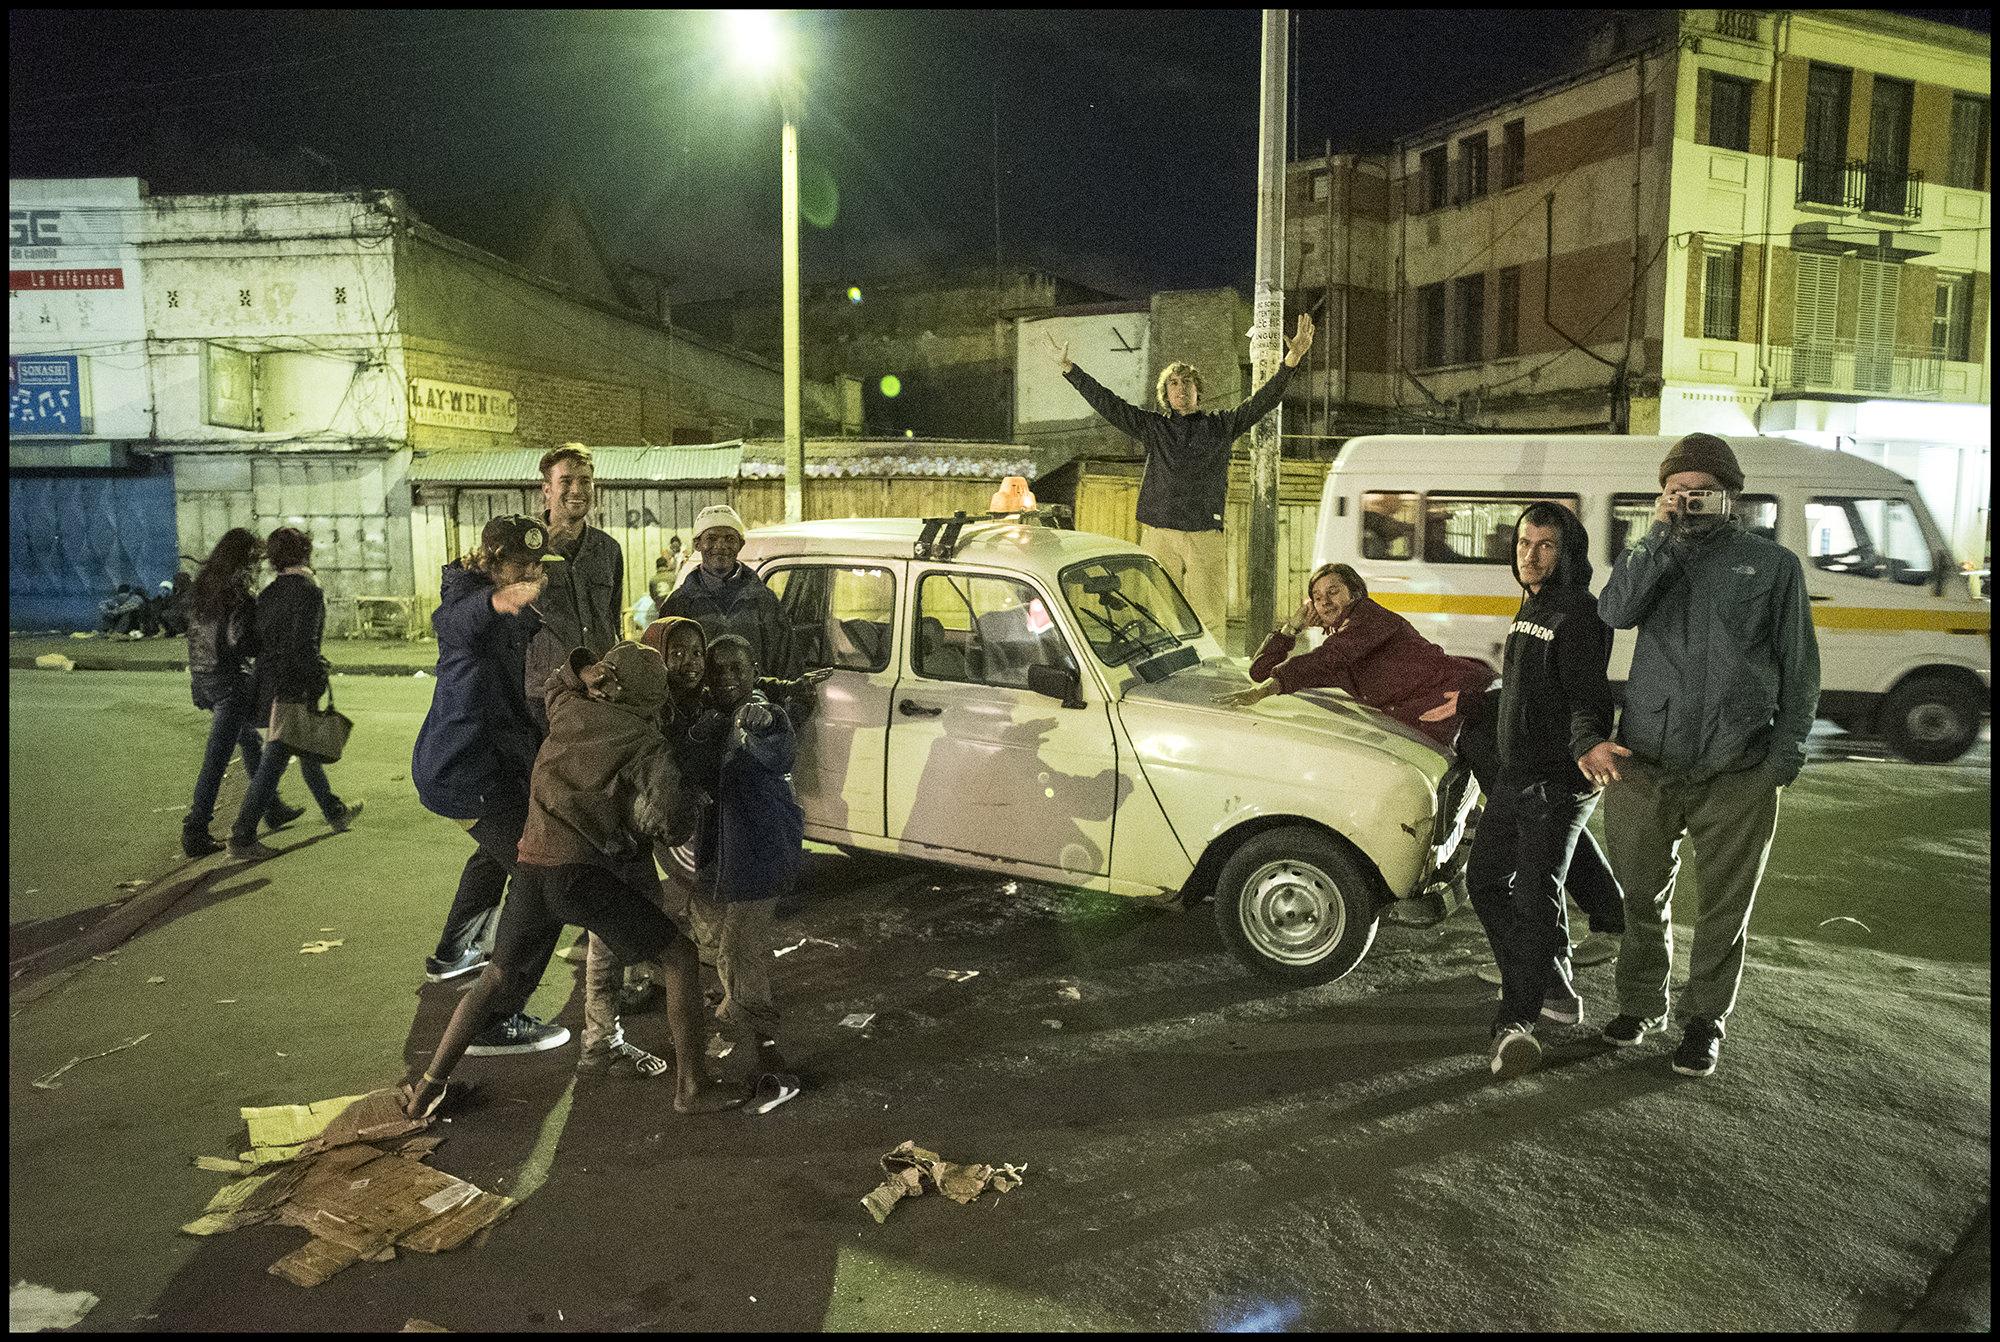 Digital Patrik Wallner Antananarivo The Crew minus Germans LOWQ 2000P